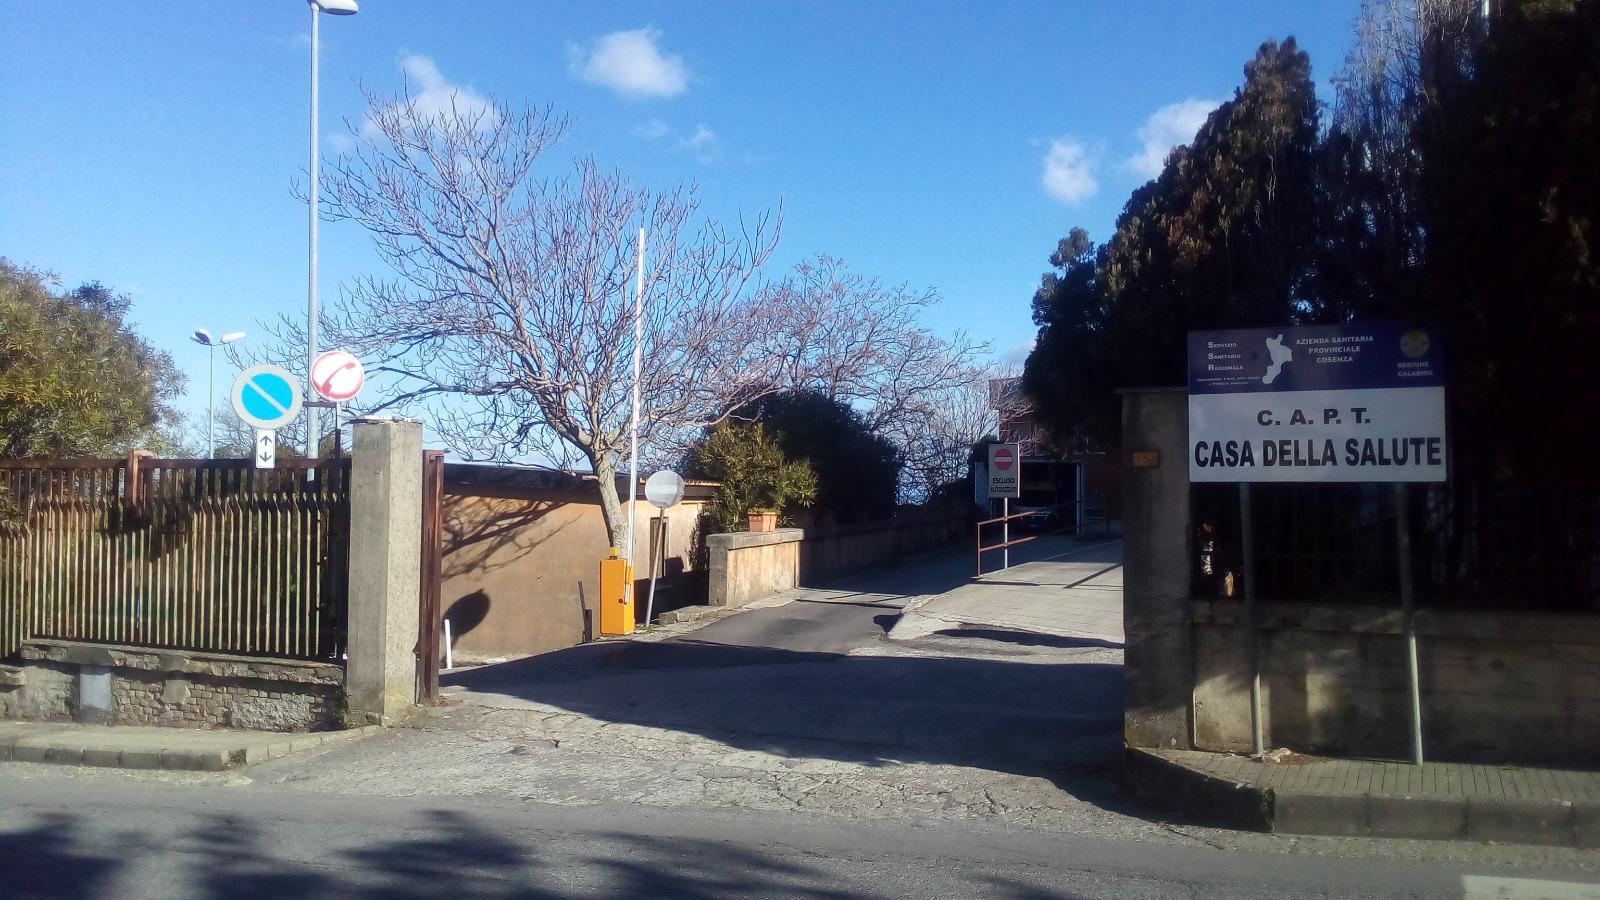 San marco argentano illustrate le procedure per la casa della salute gazzetta del sud - Patrimoniale sulla casa ...